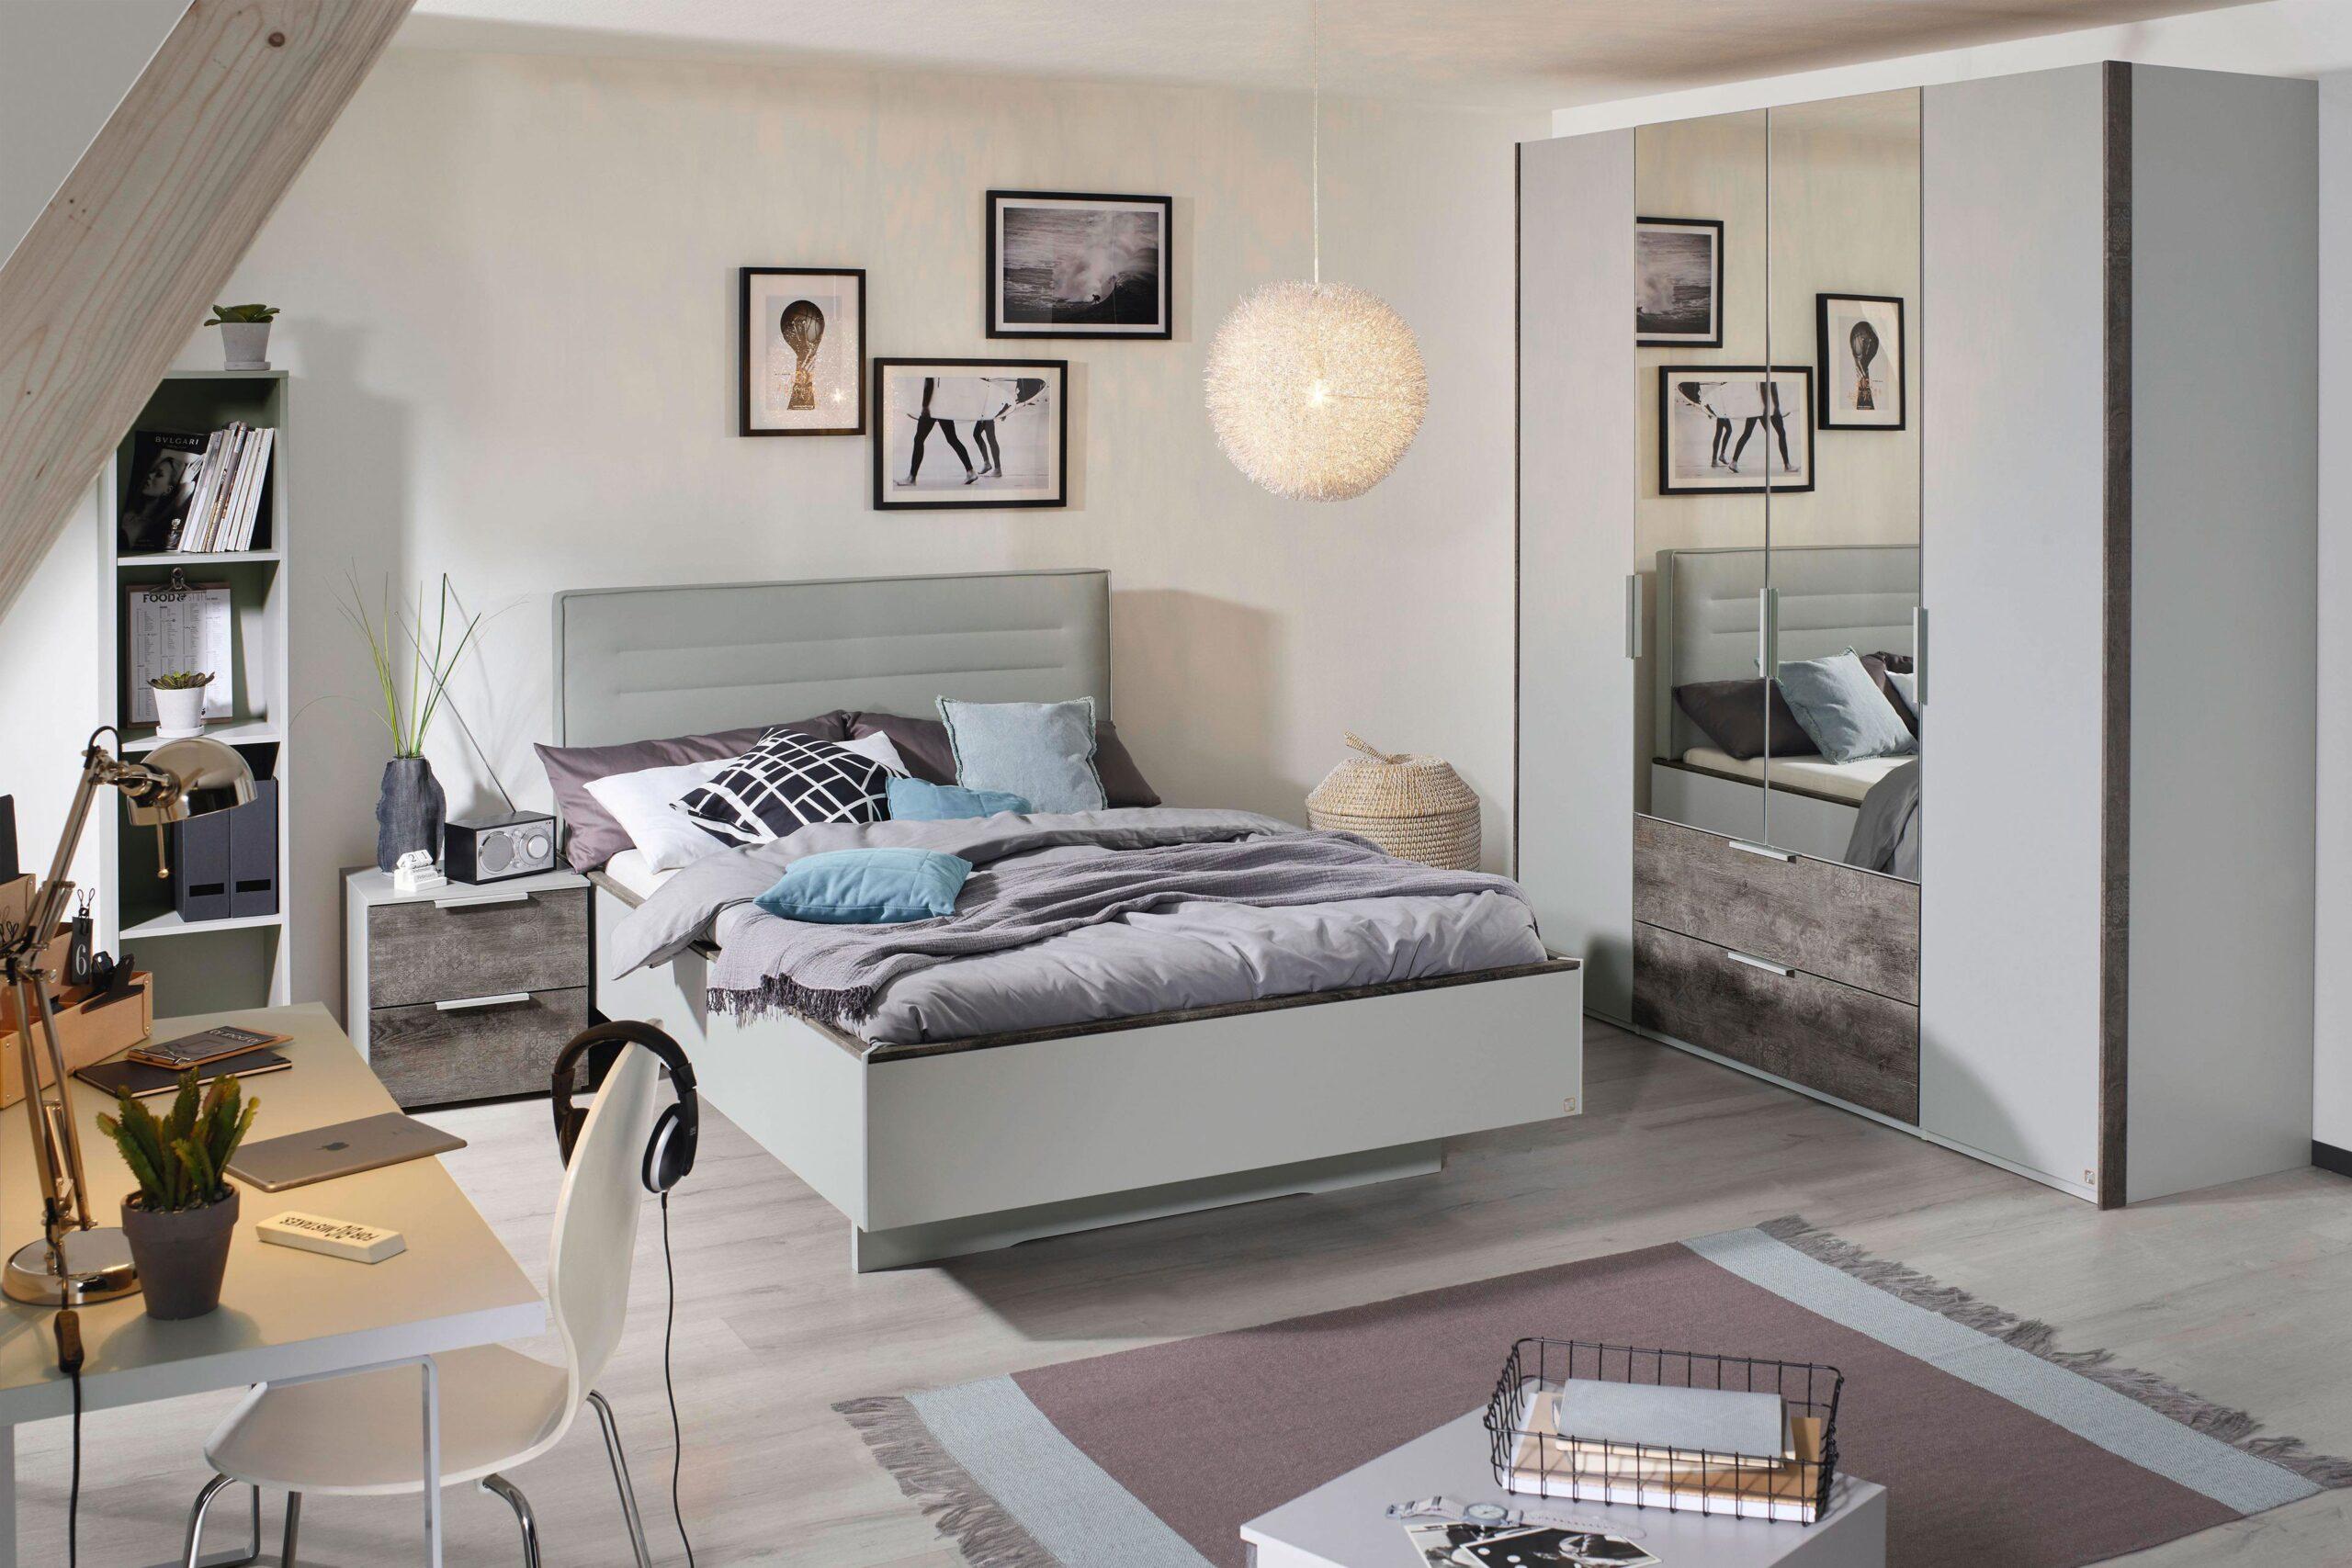 Full Size of Xora Jugendzimmer Rauch Orange Style Set Grau Mbel Letz Ihr Online Sofa Bett Wohnzimmer Xora Jugendzimmer